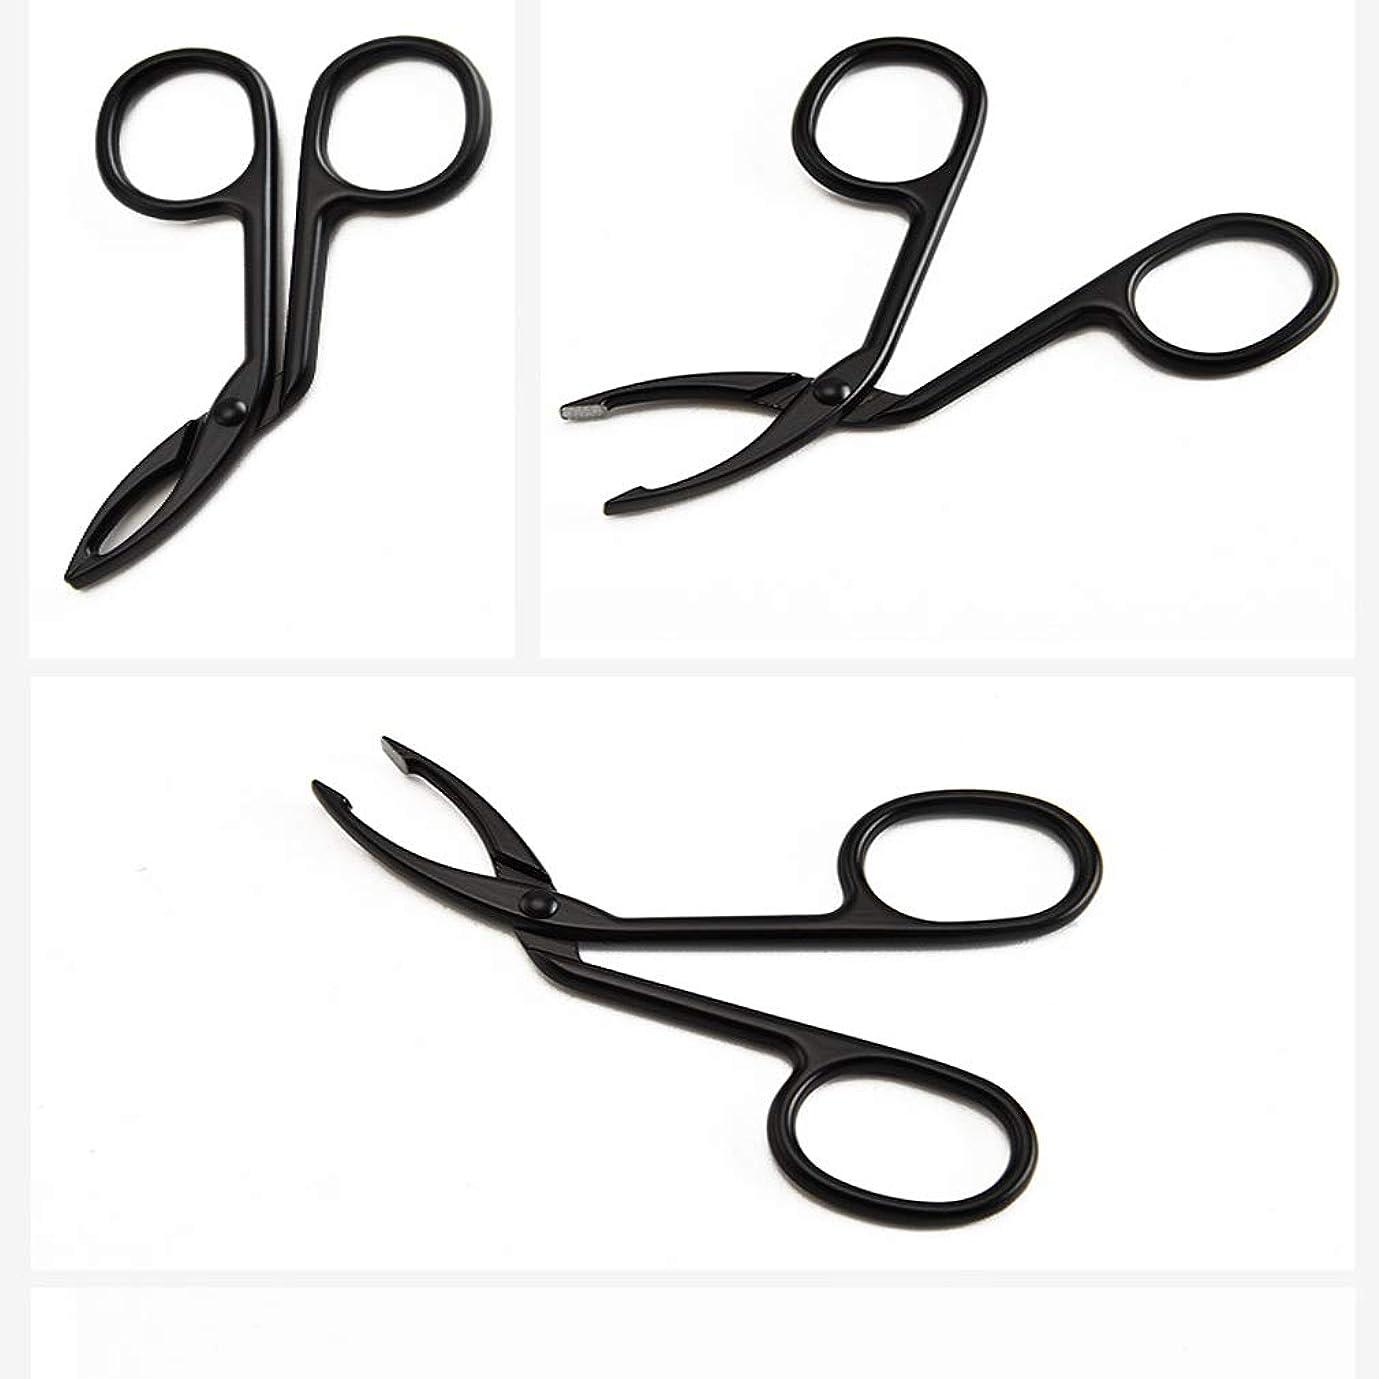 チェリー稼ぐ体操LUXWELL(ラクスウェル)眉毛ピンセットアイブロウ ピンセットクリップ 毛抜き まゆ毛ピンセット 人気の 化粧工具 クリップ